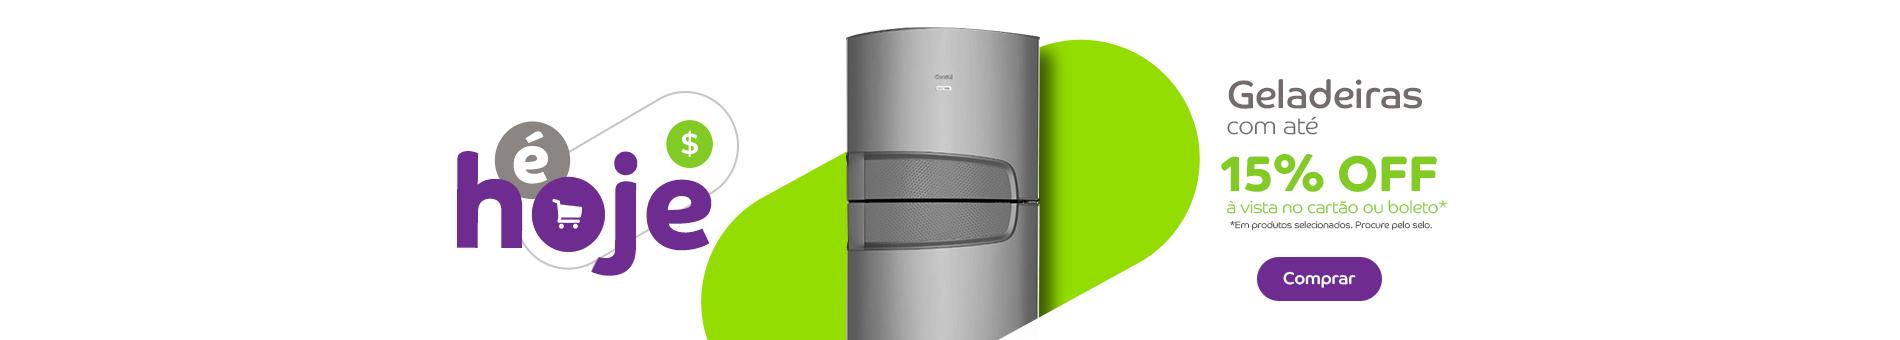 Promoção Interna - 1977 - camp-s2consul_geladeiras-freezers_27072017_home3 - geladeiras-freezers - 3